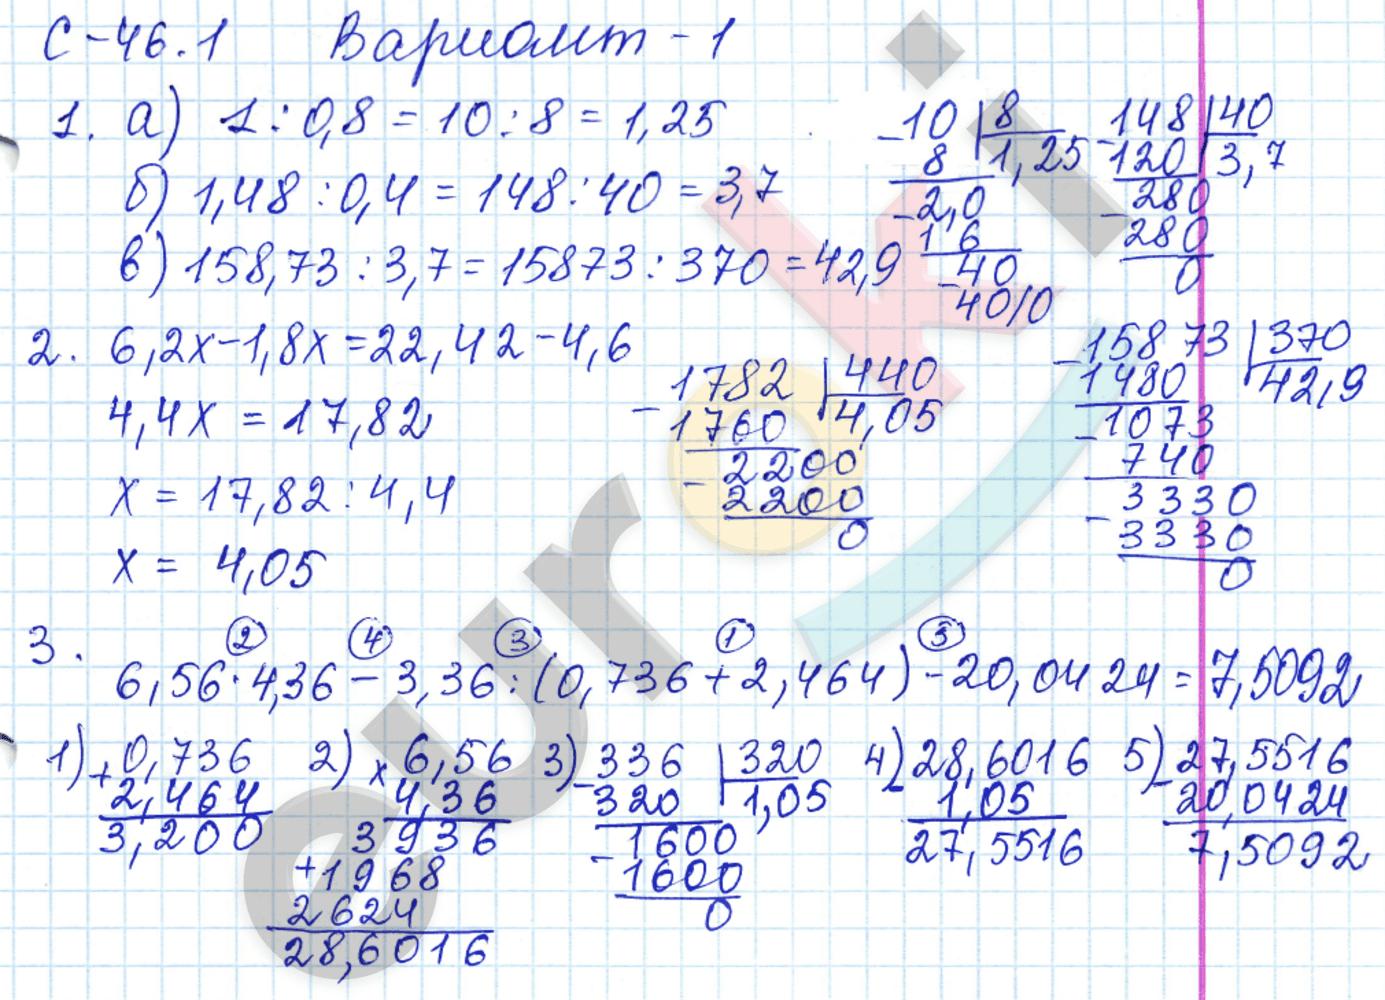 ГДЗ по математике 5 класс самостоятельные работы Зубарева, Мильштейн, Шанцева Тема 4. Десятичные дроби, С-46.1. Деление десятичной дроби на десятичную дробь. Задание: Вариант 1